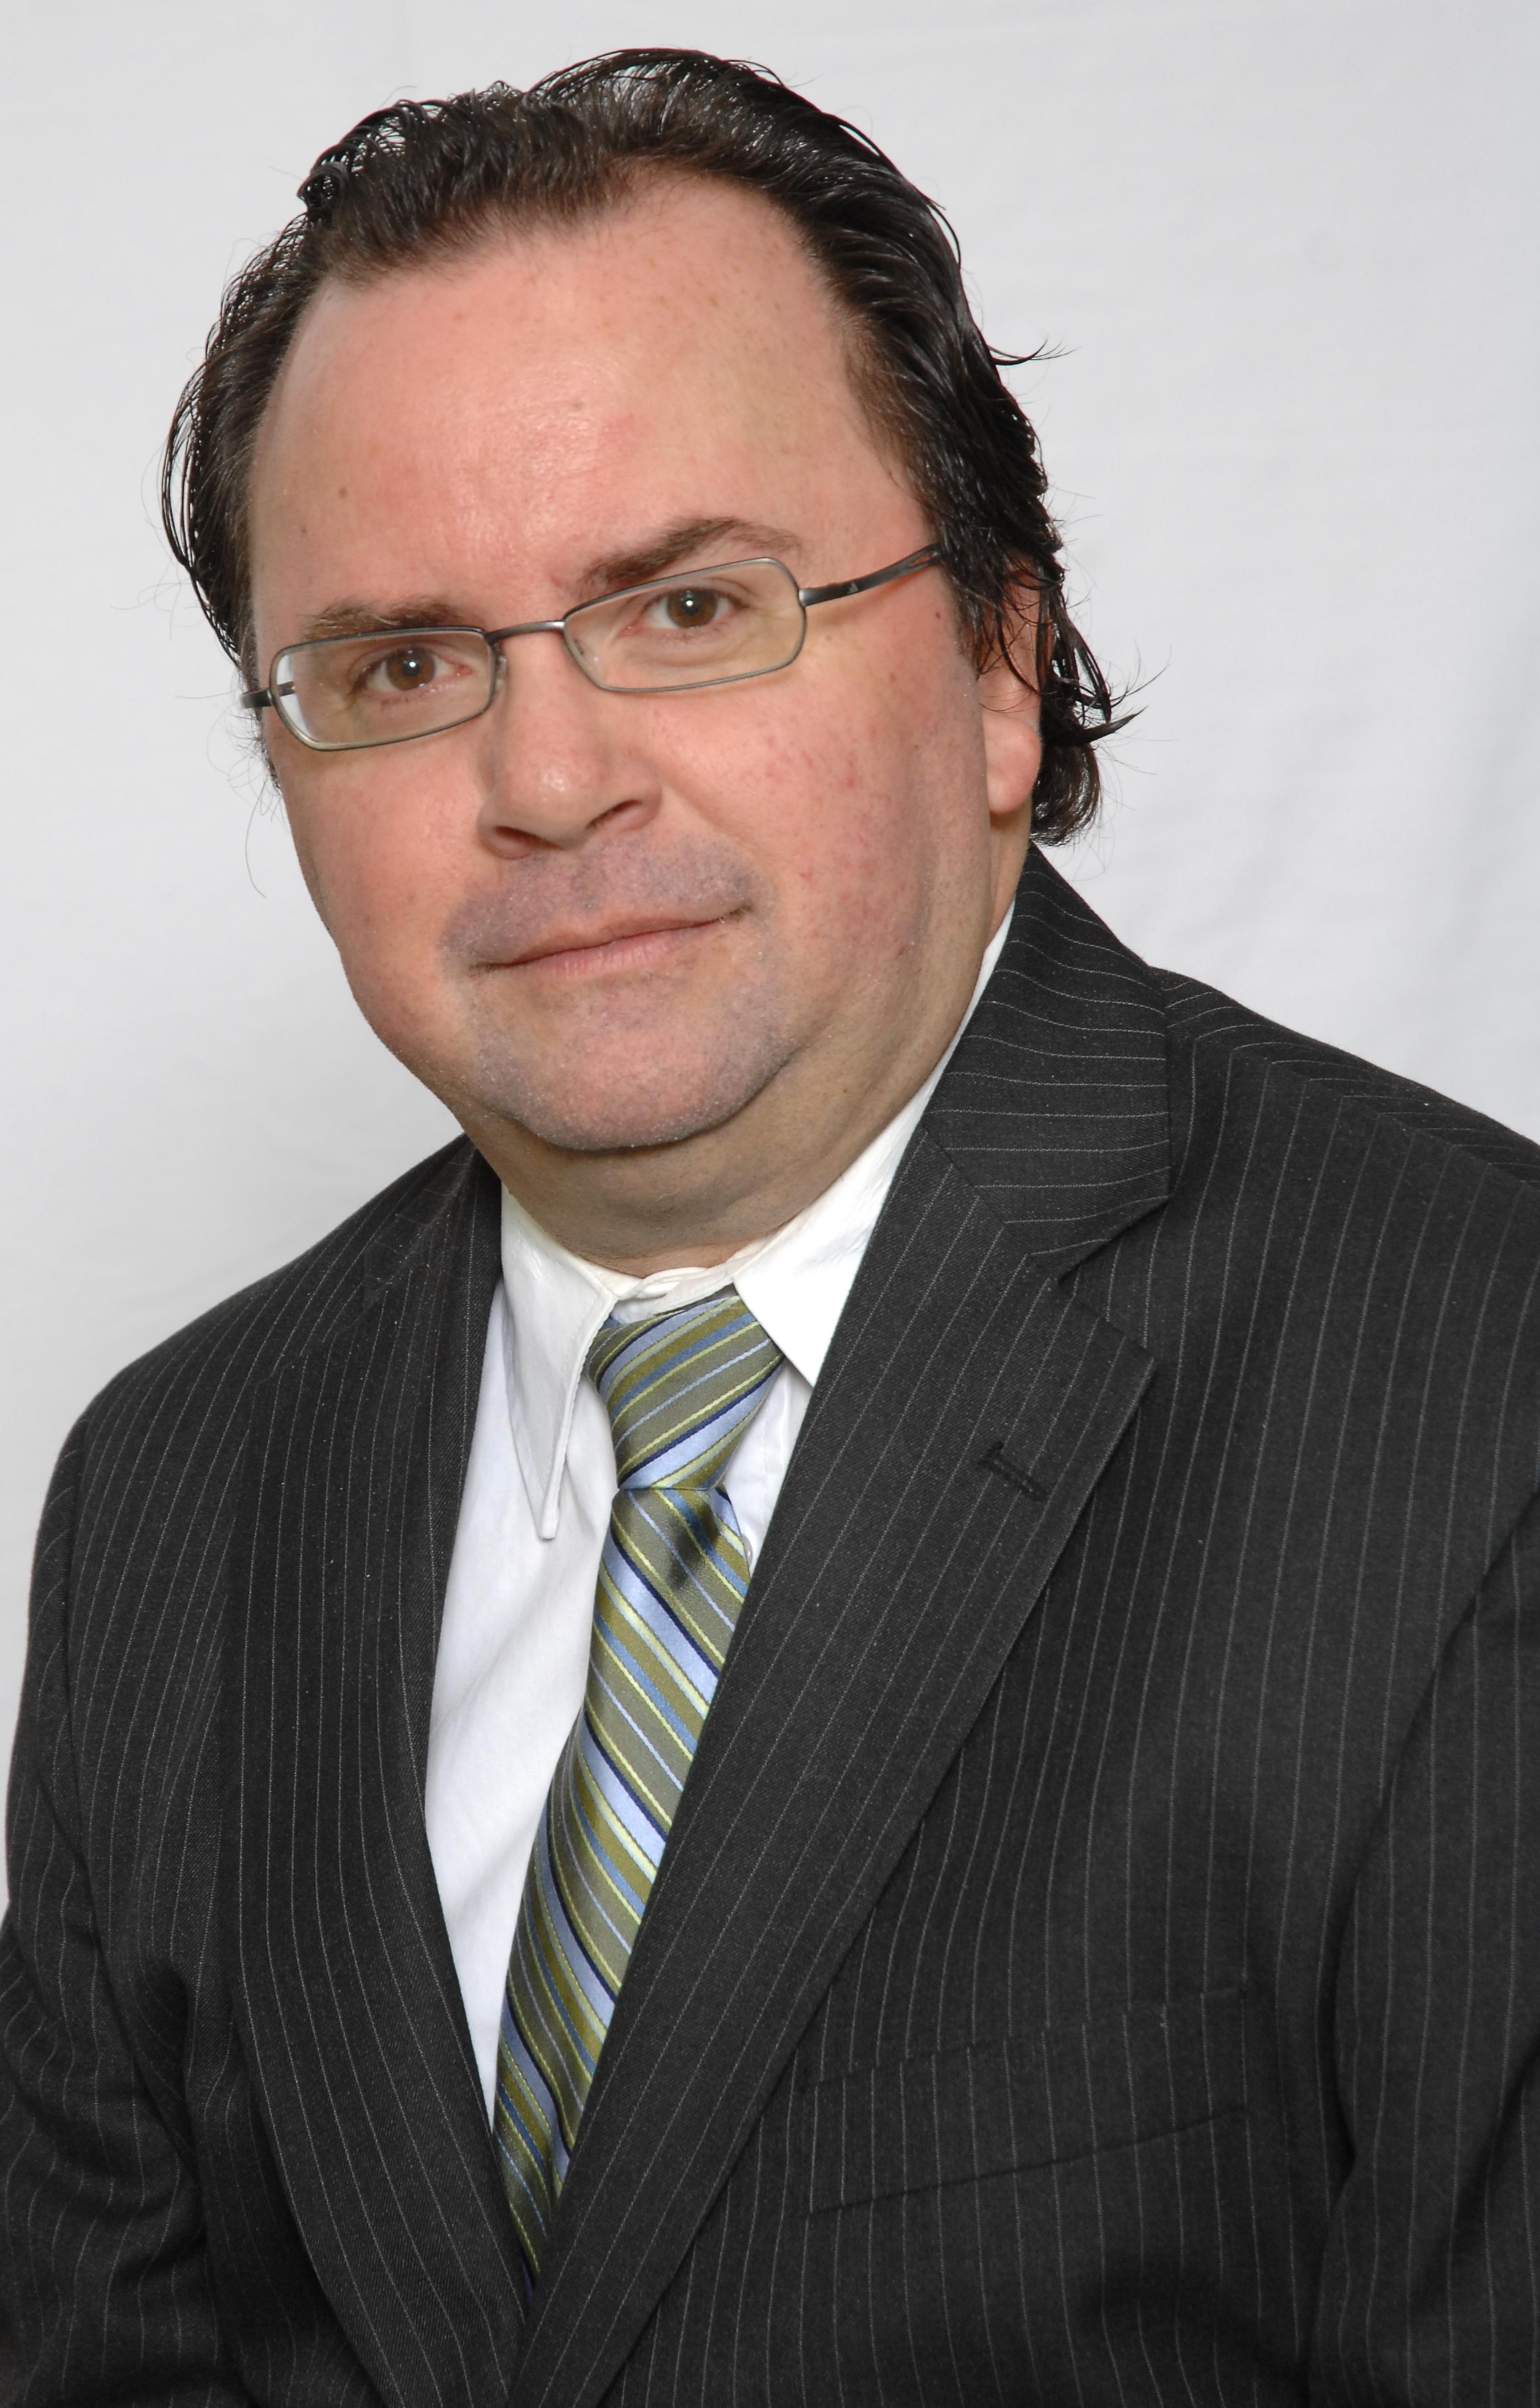 Brendan Taman